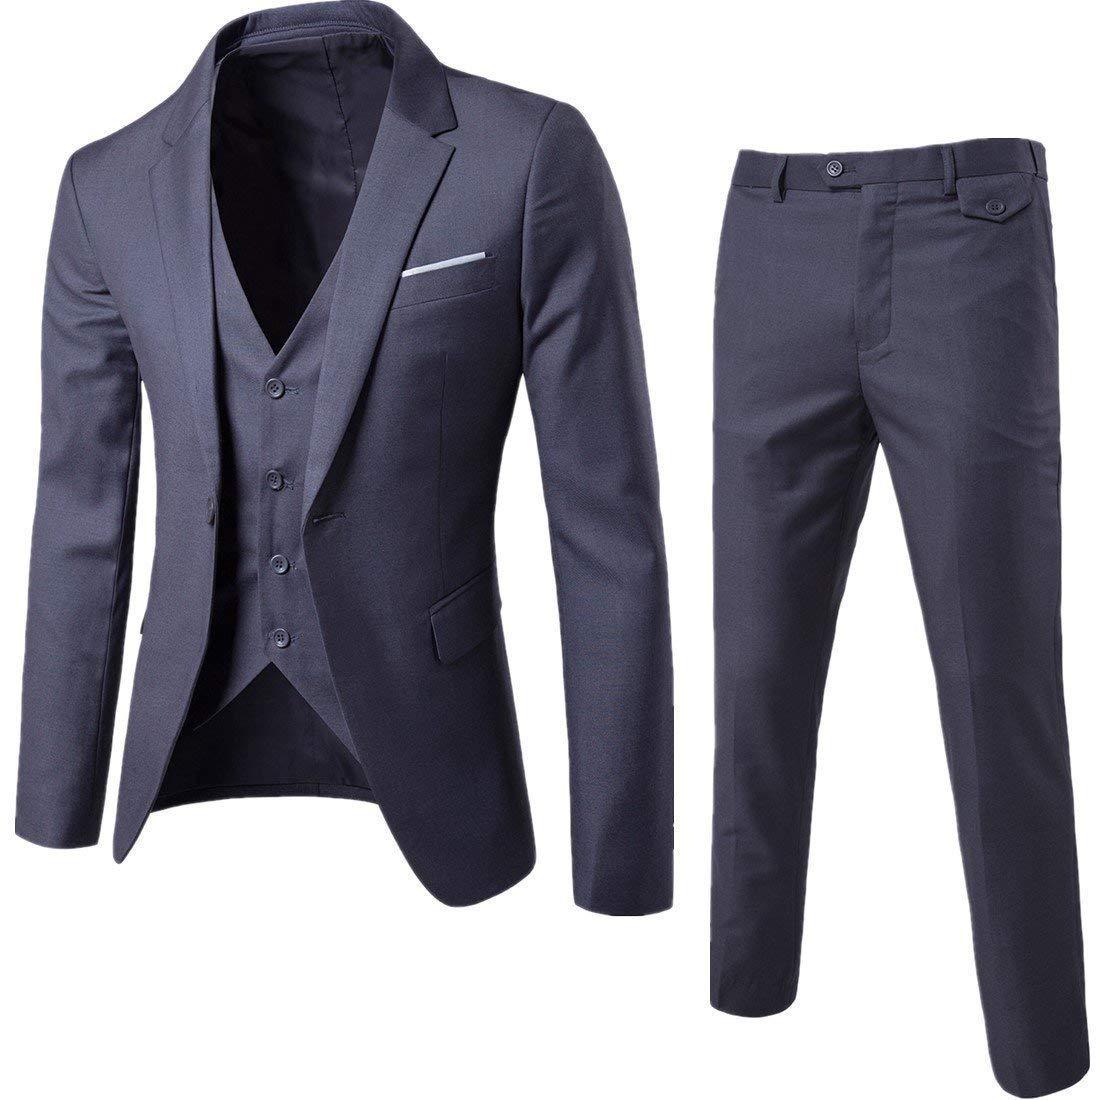 Mens 3-Piece Suit Notched Lapel One Button Slim Fit Formal Jacket Vest Pants Set,Dark Grey,Large